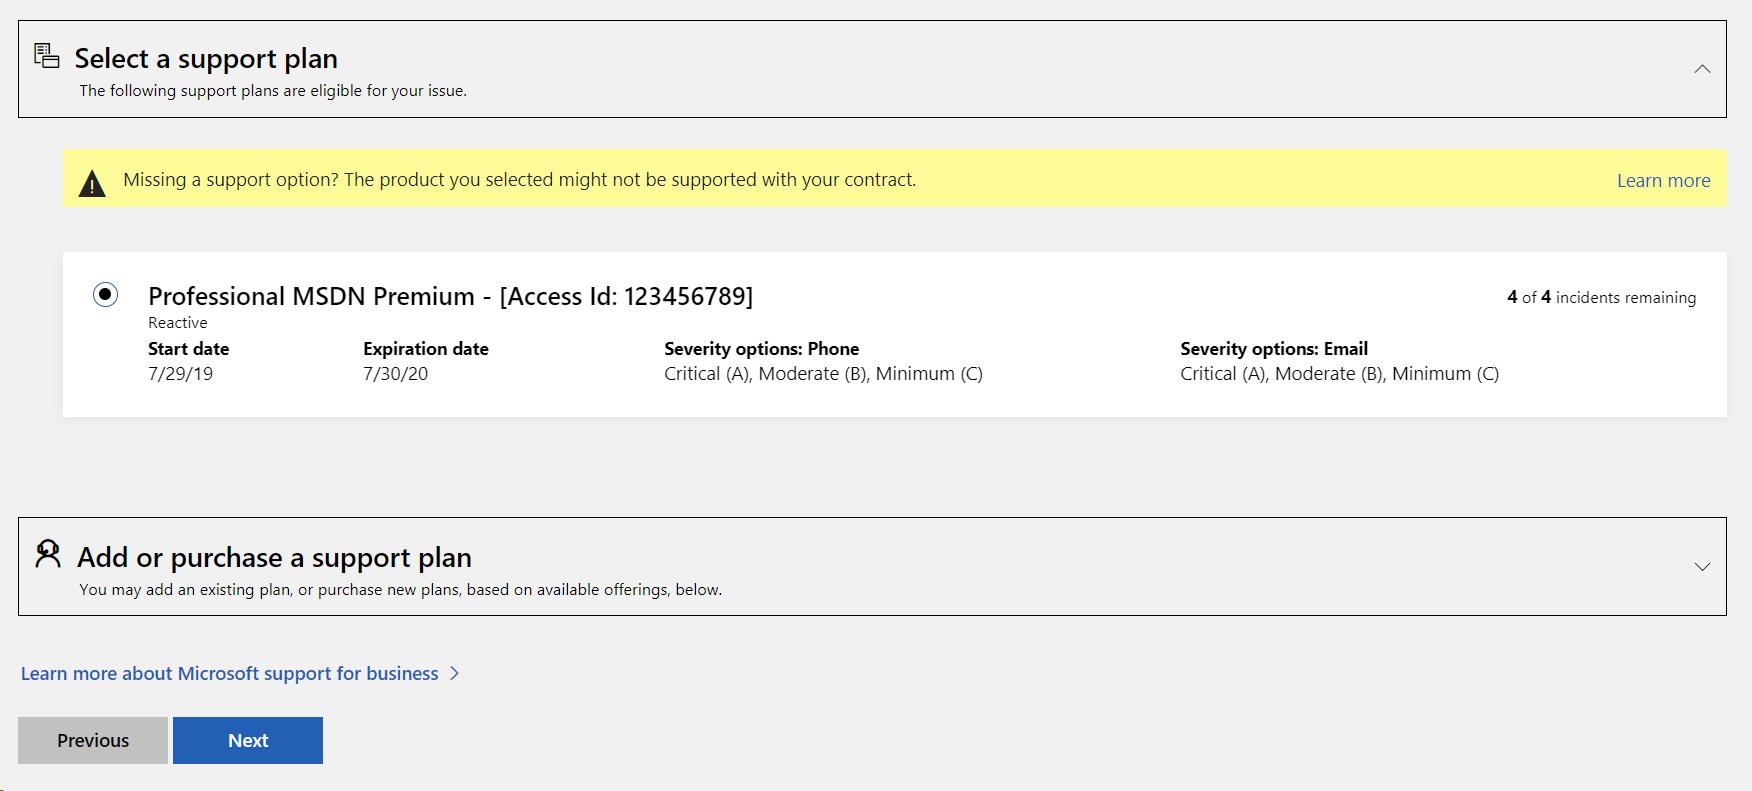 msdn access id